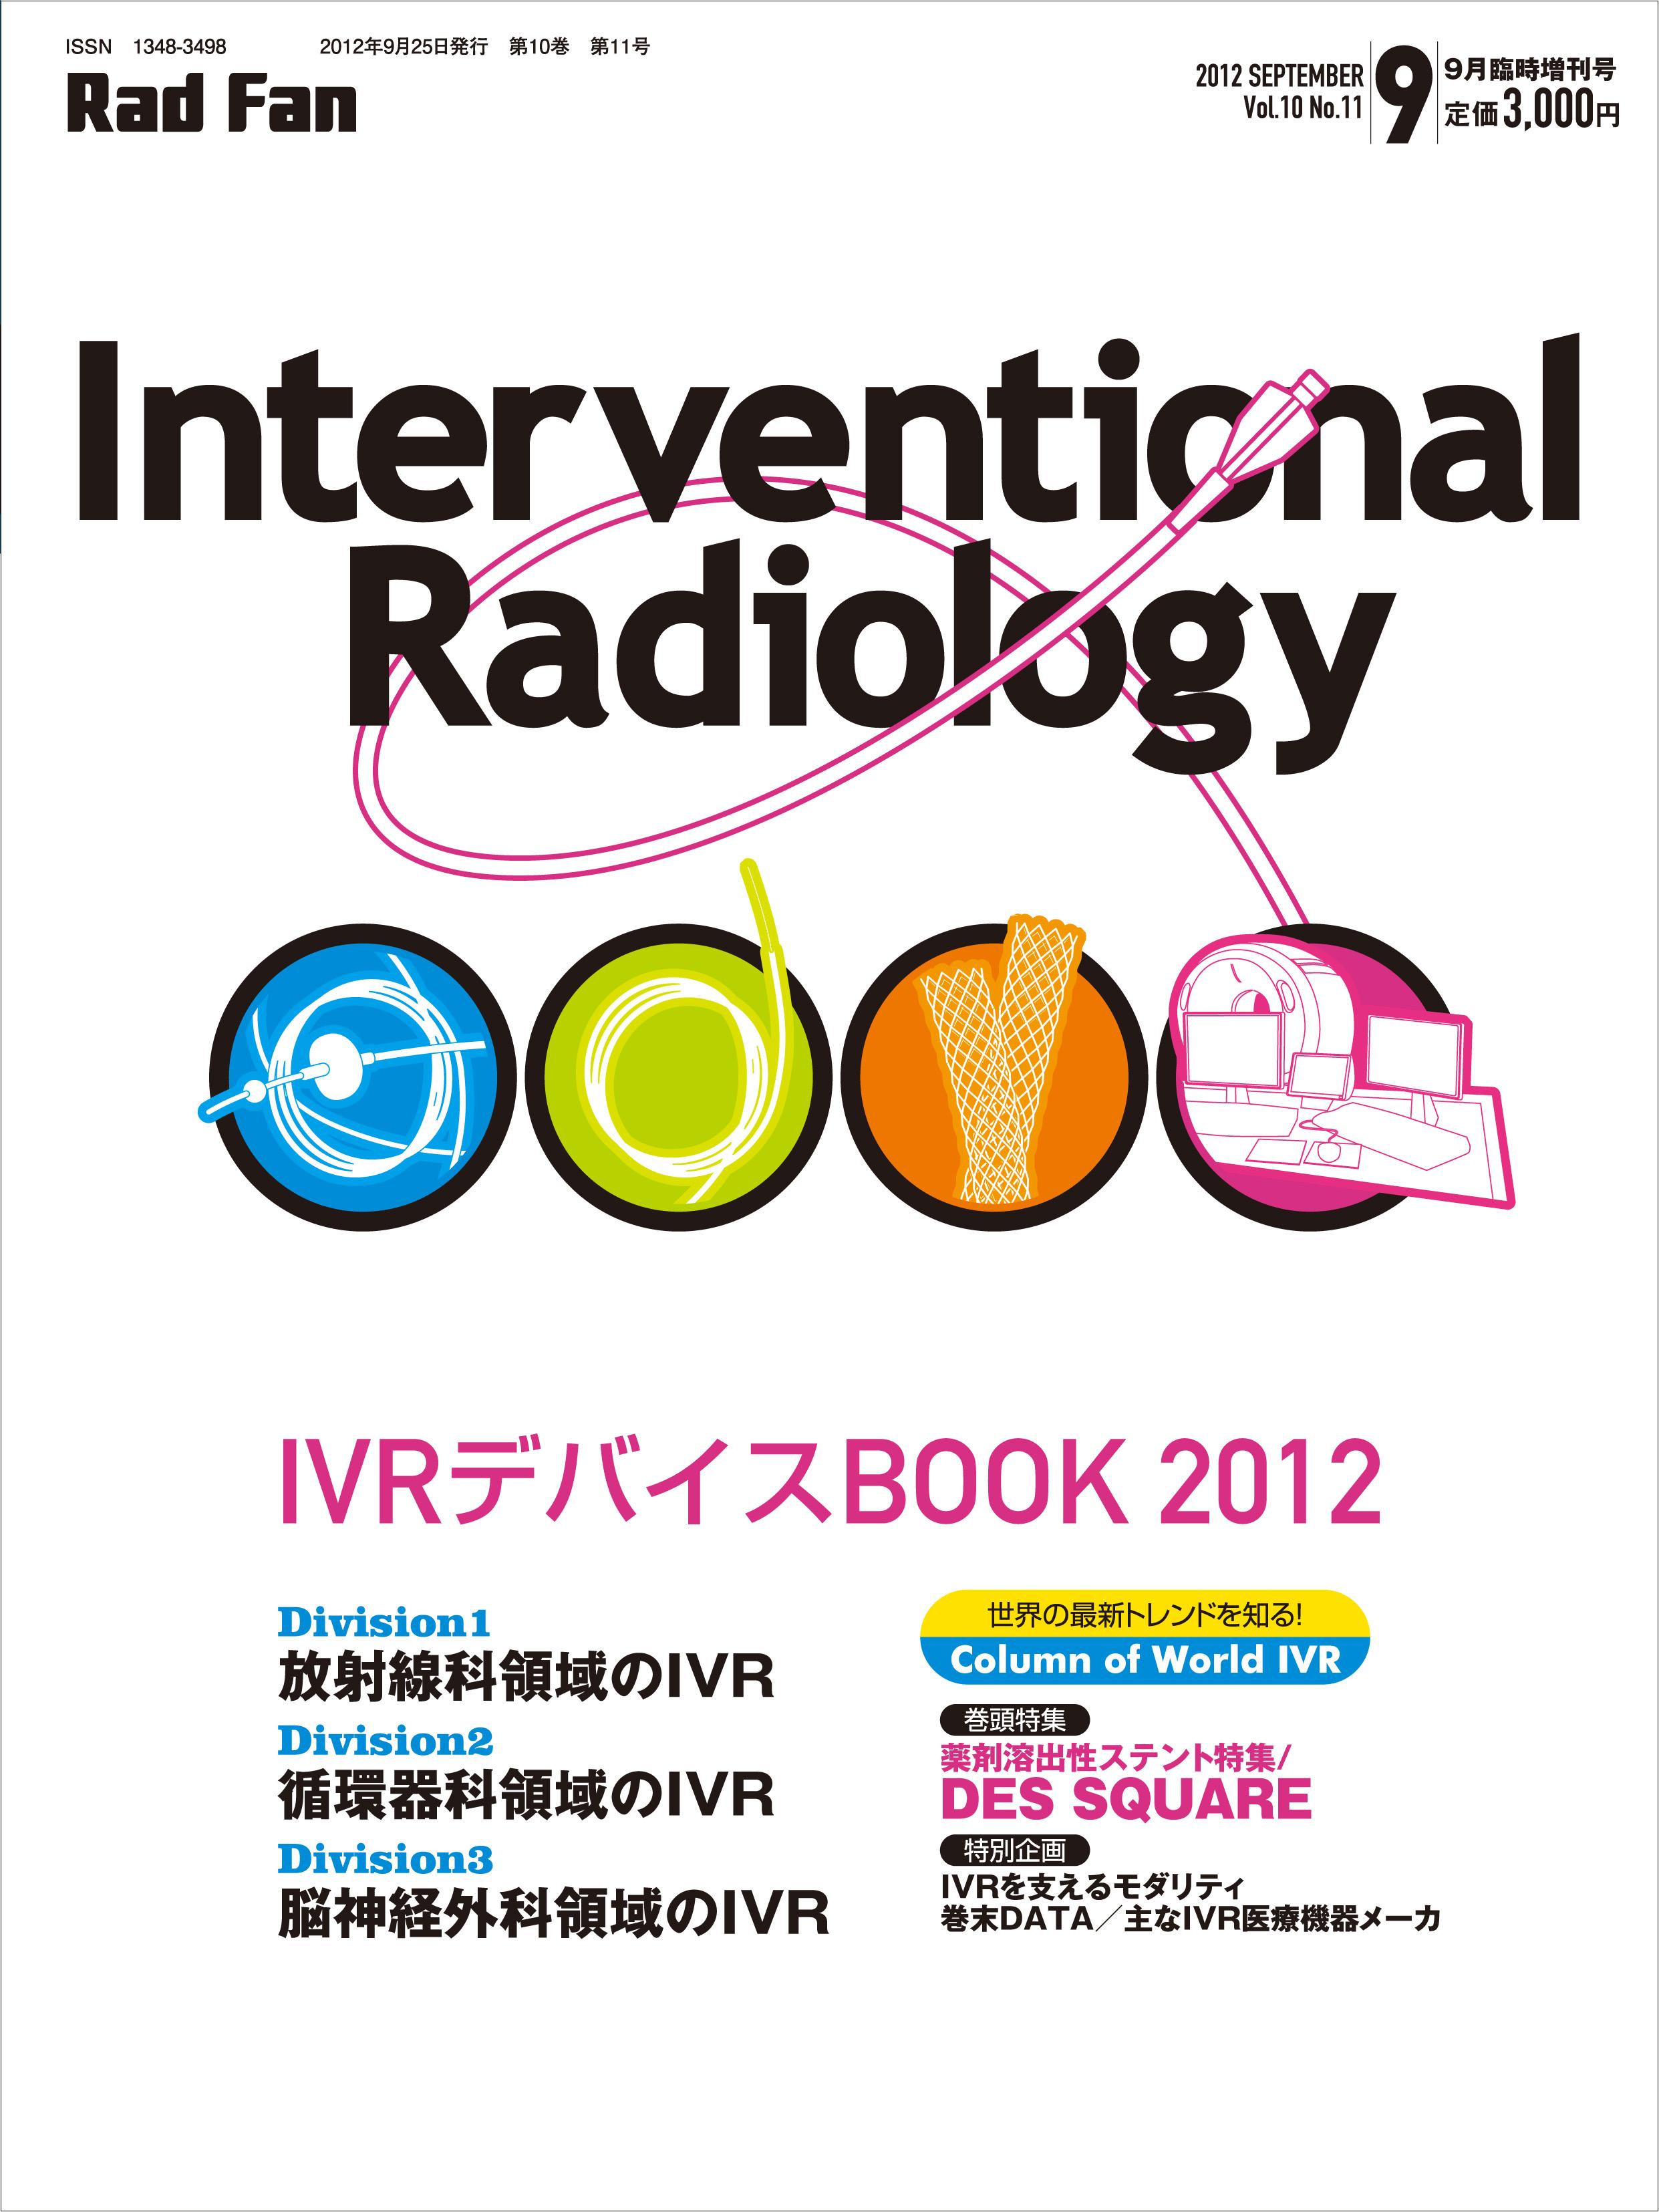 RadFan 2012年9月臨時増刊号